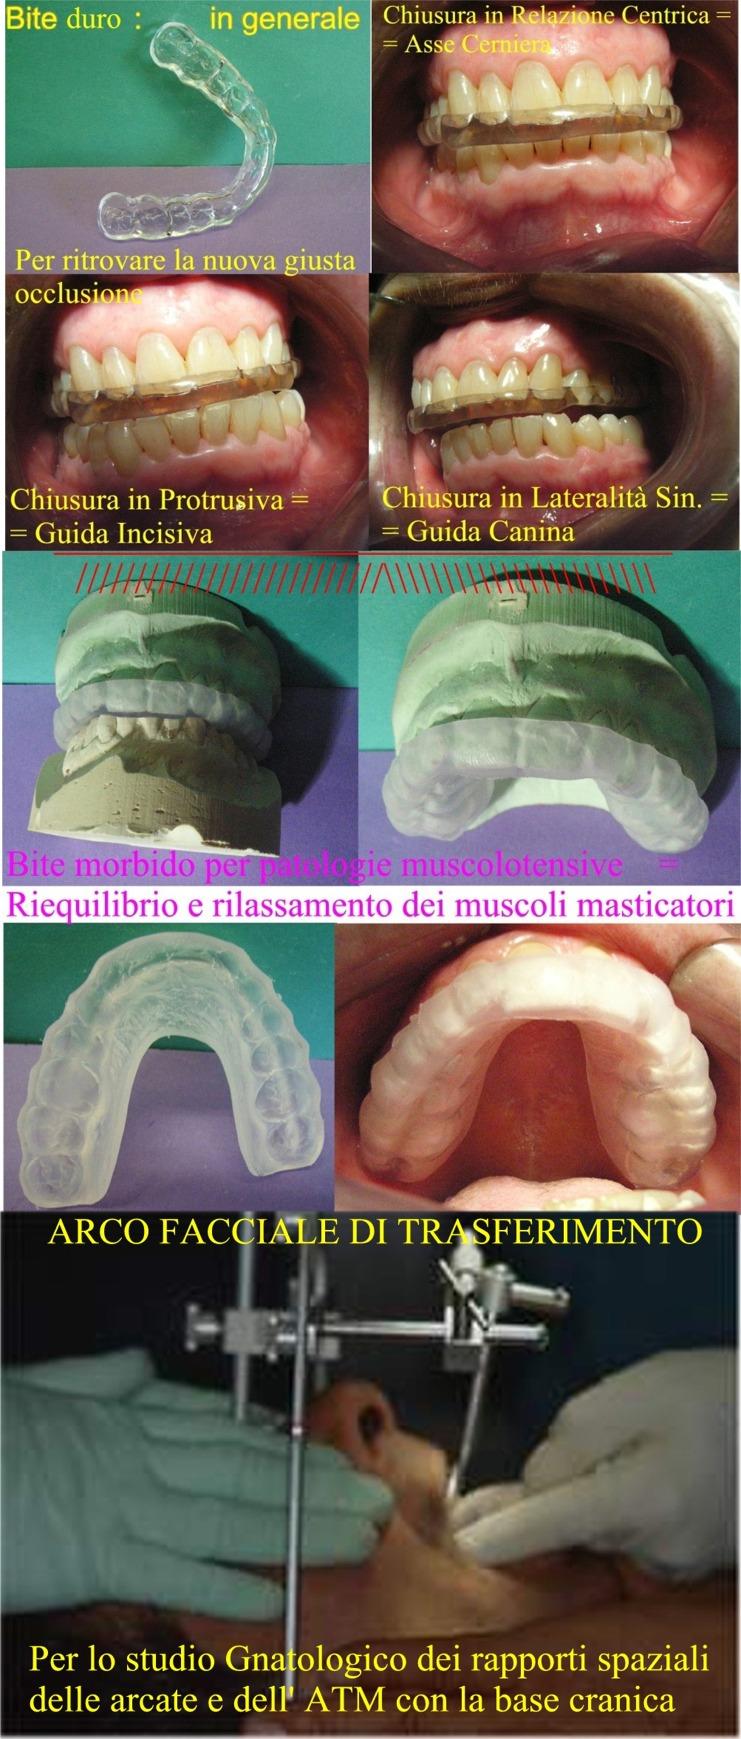 Diversi tipi di Bite e in basso Arco Facciale di Trasferimento per i rapporti spaziali con la base cranica. Da casistica del Dr. Gustavo Petti di Cagliari